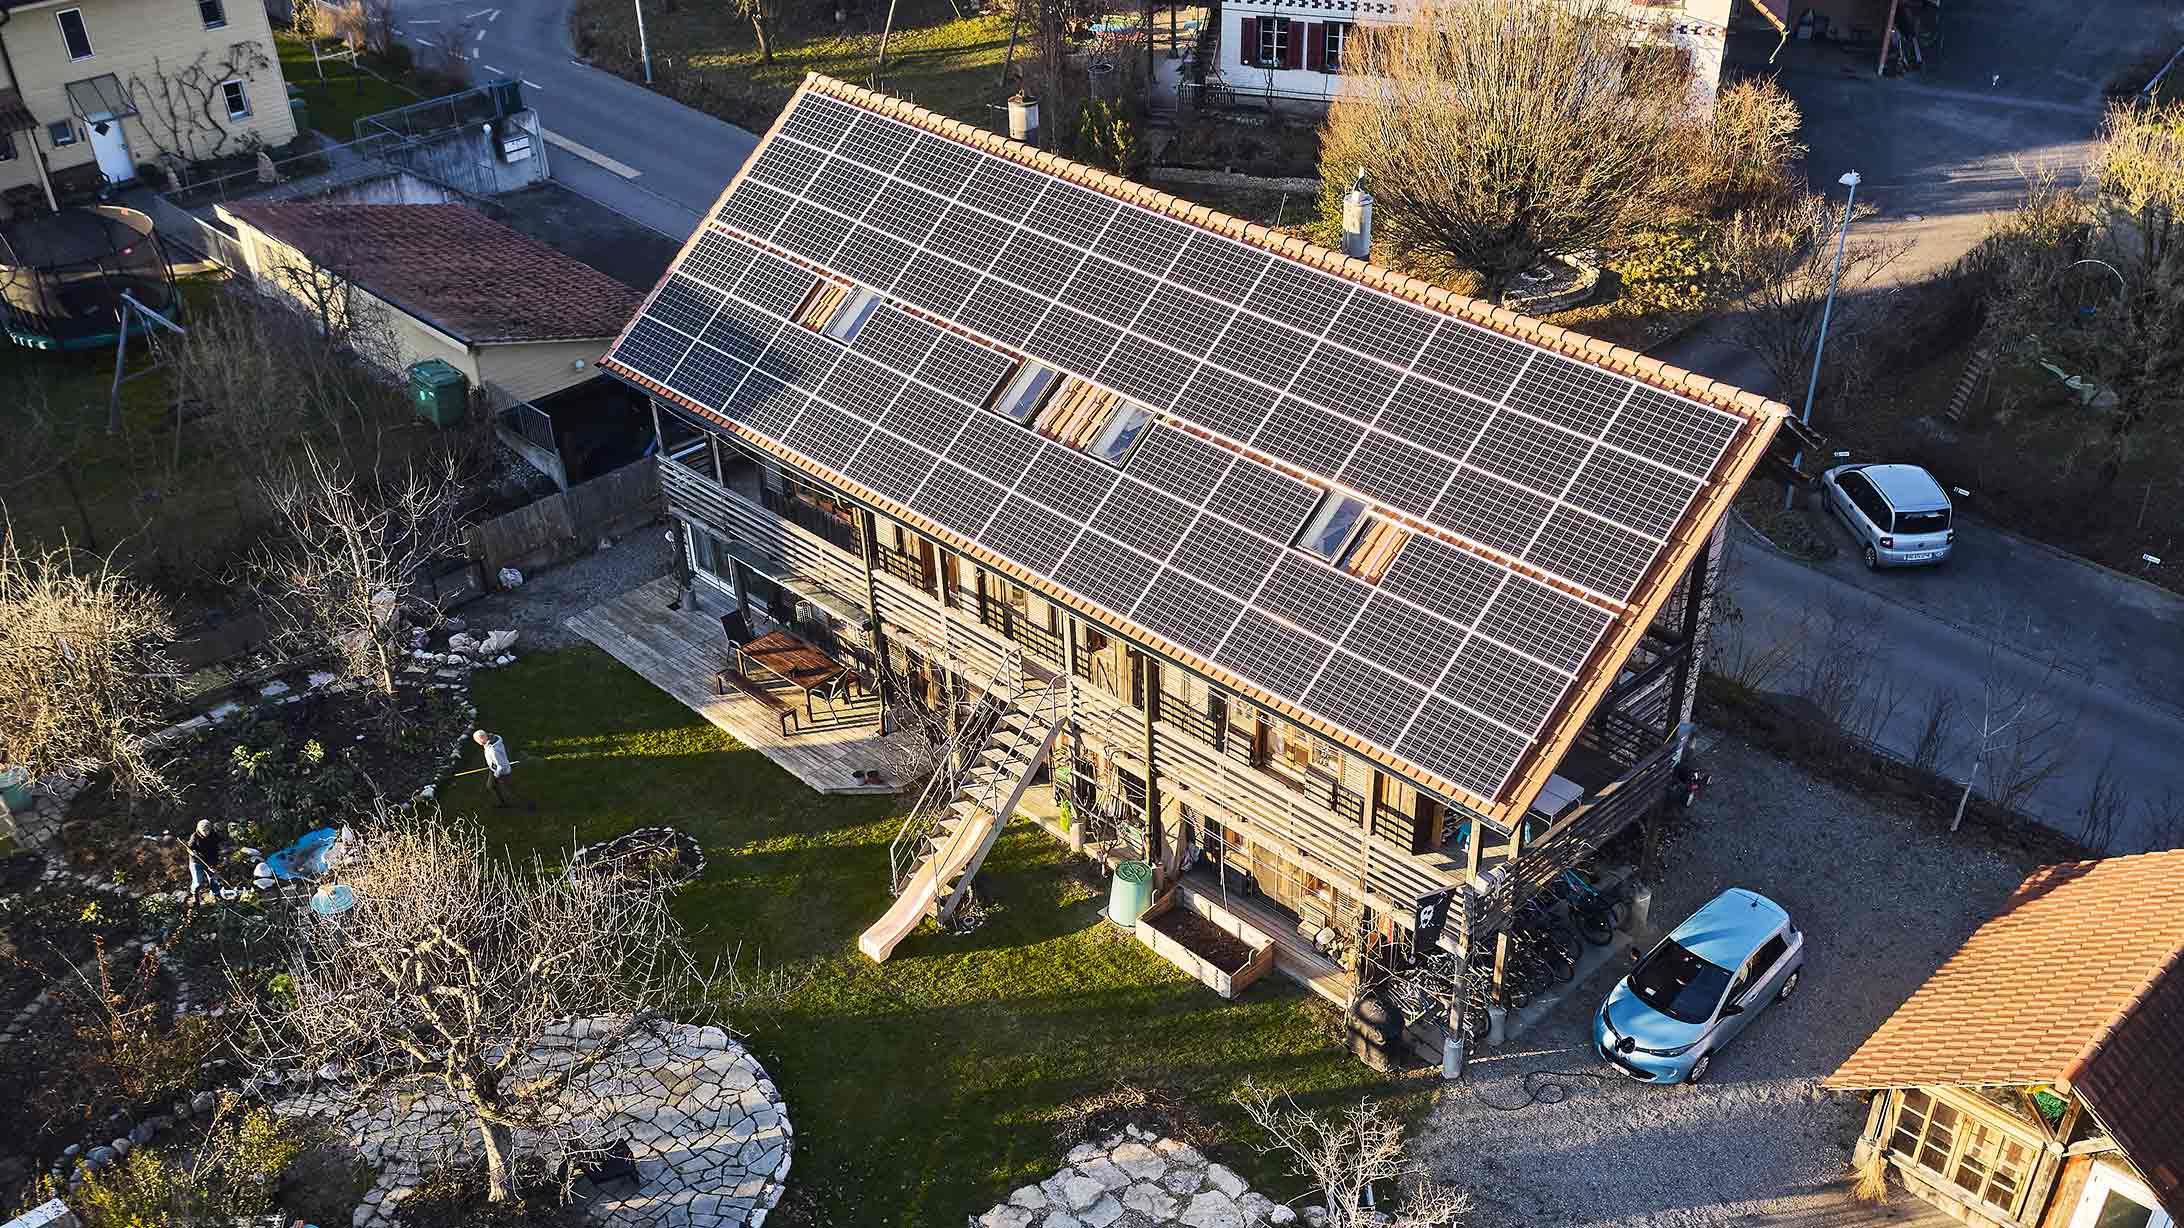 Photovoltaikanlage auf einem Dach aus der Vogelperspektive.